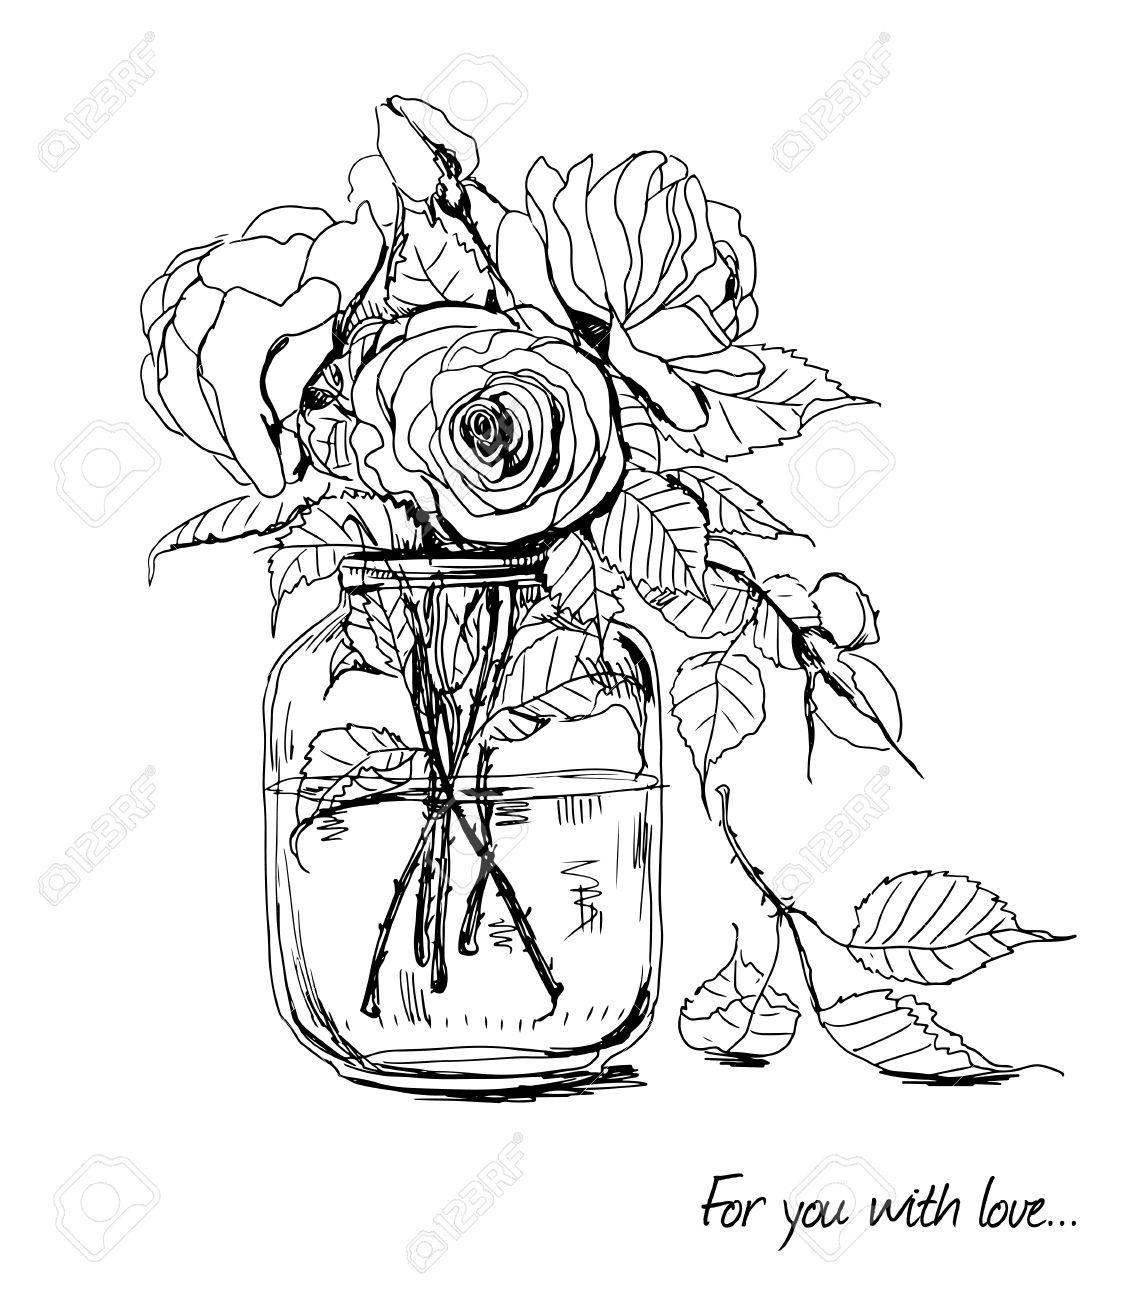 drawn roses